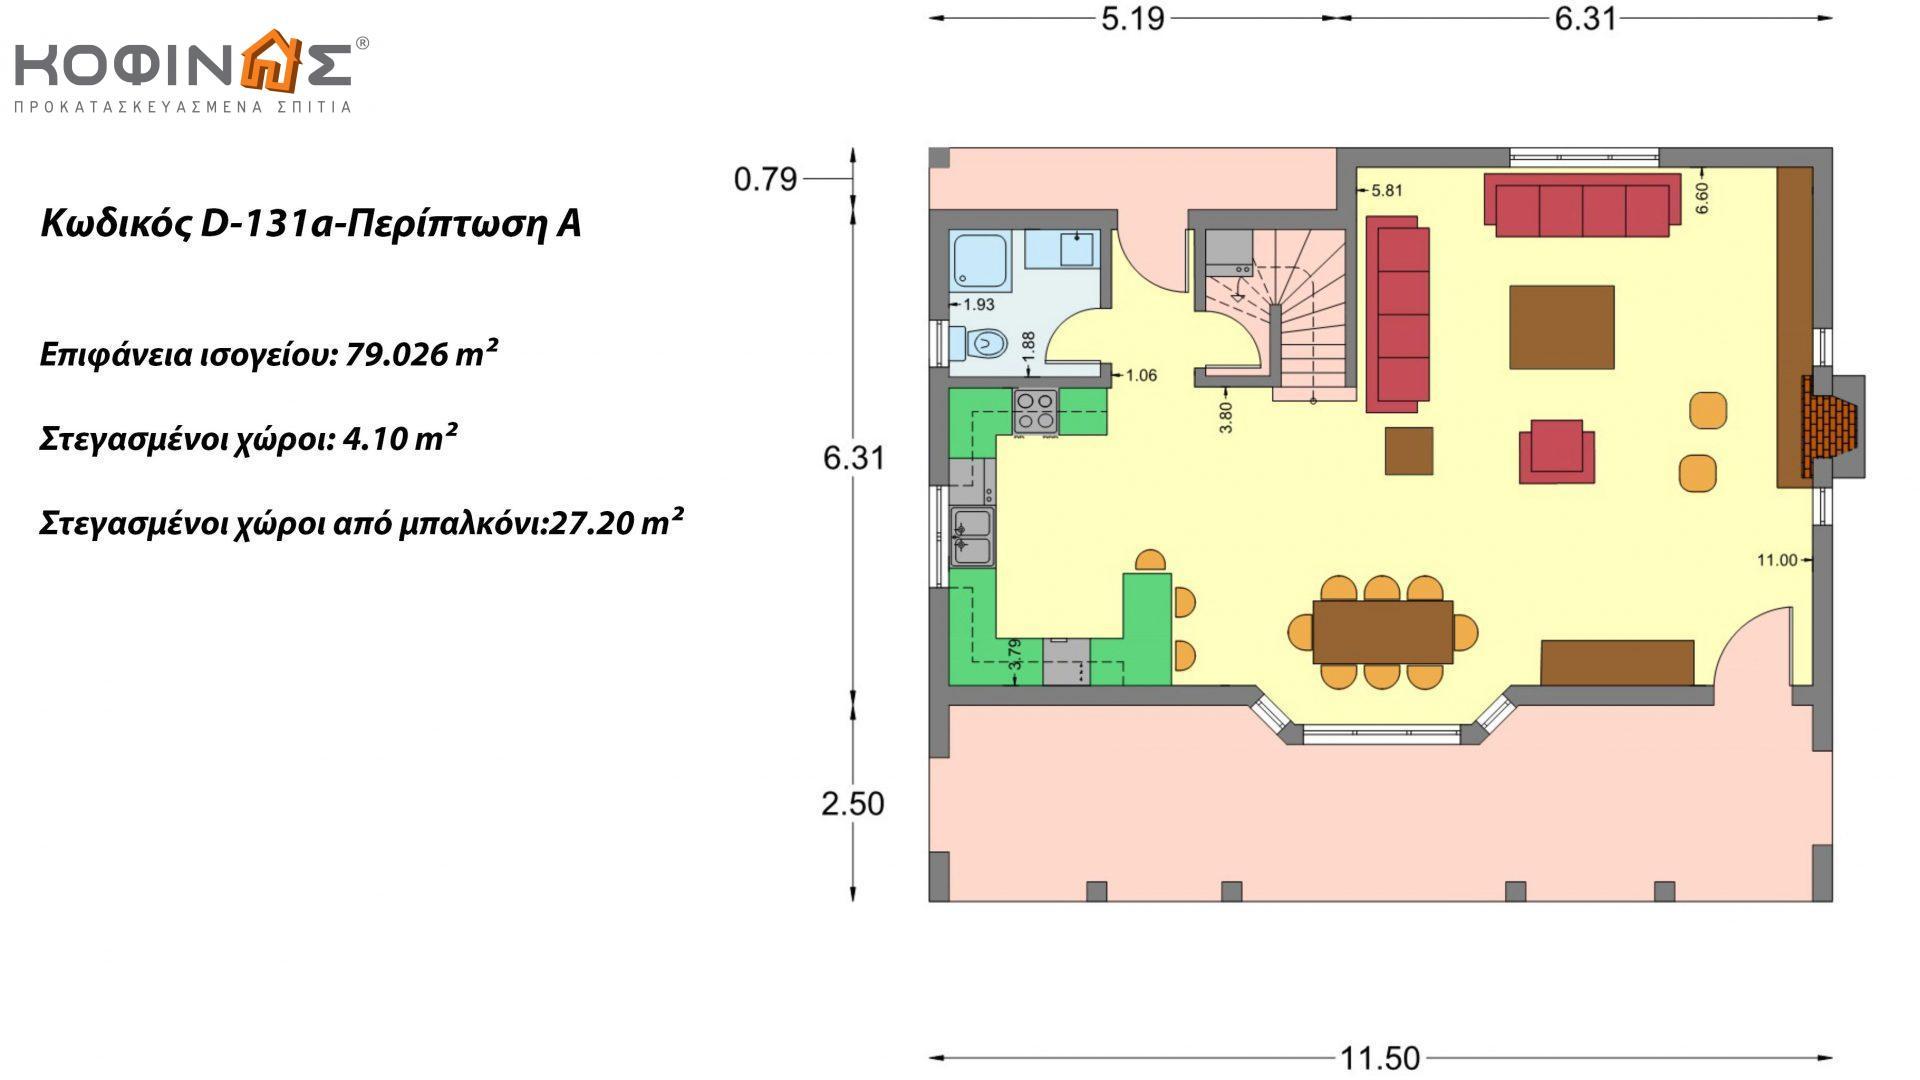 Διώροφη Κατοικία D-131a, συνολικής επιφάνειας 131,23 τ.μ.(Περίπτωση Α) και συνολικής επιφάνειας 142,65 τ.μ.(Περίπτωση Β), συνολική επιφάνεια στεγασμένων χώρων 63,69 τ.μ., μπαλκόνια 54,11 τ.μ.(Περίπτωση Α) και μπαλκόνια 42,68 τ.μ.(Περίπτωση Β)